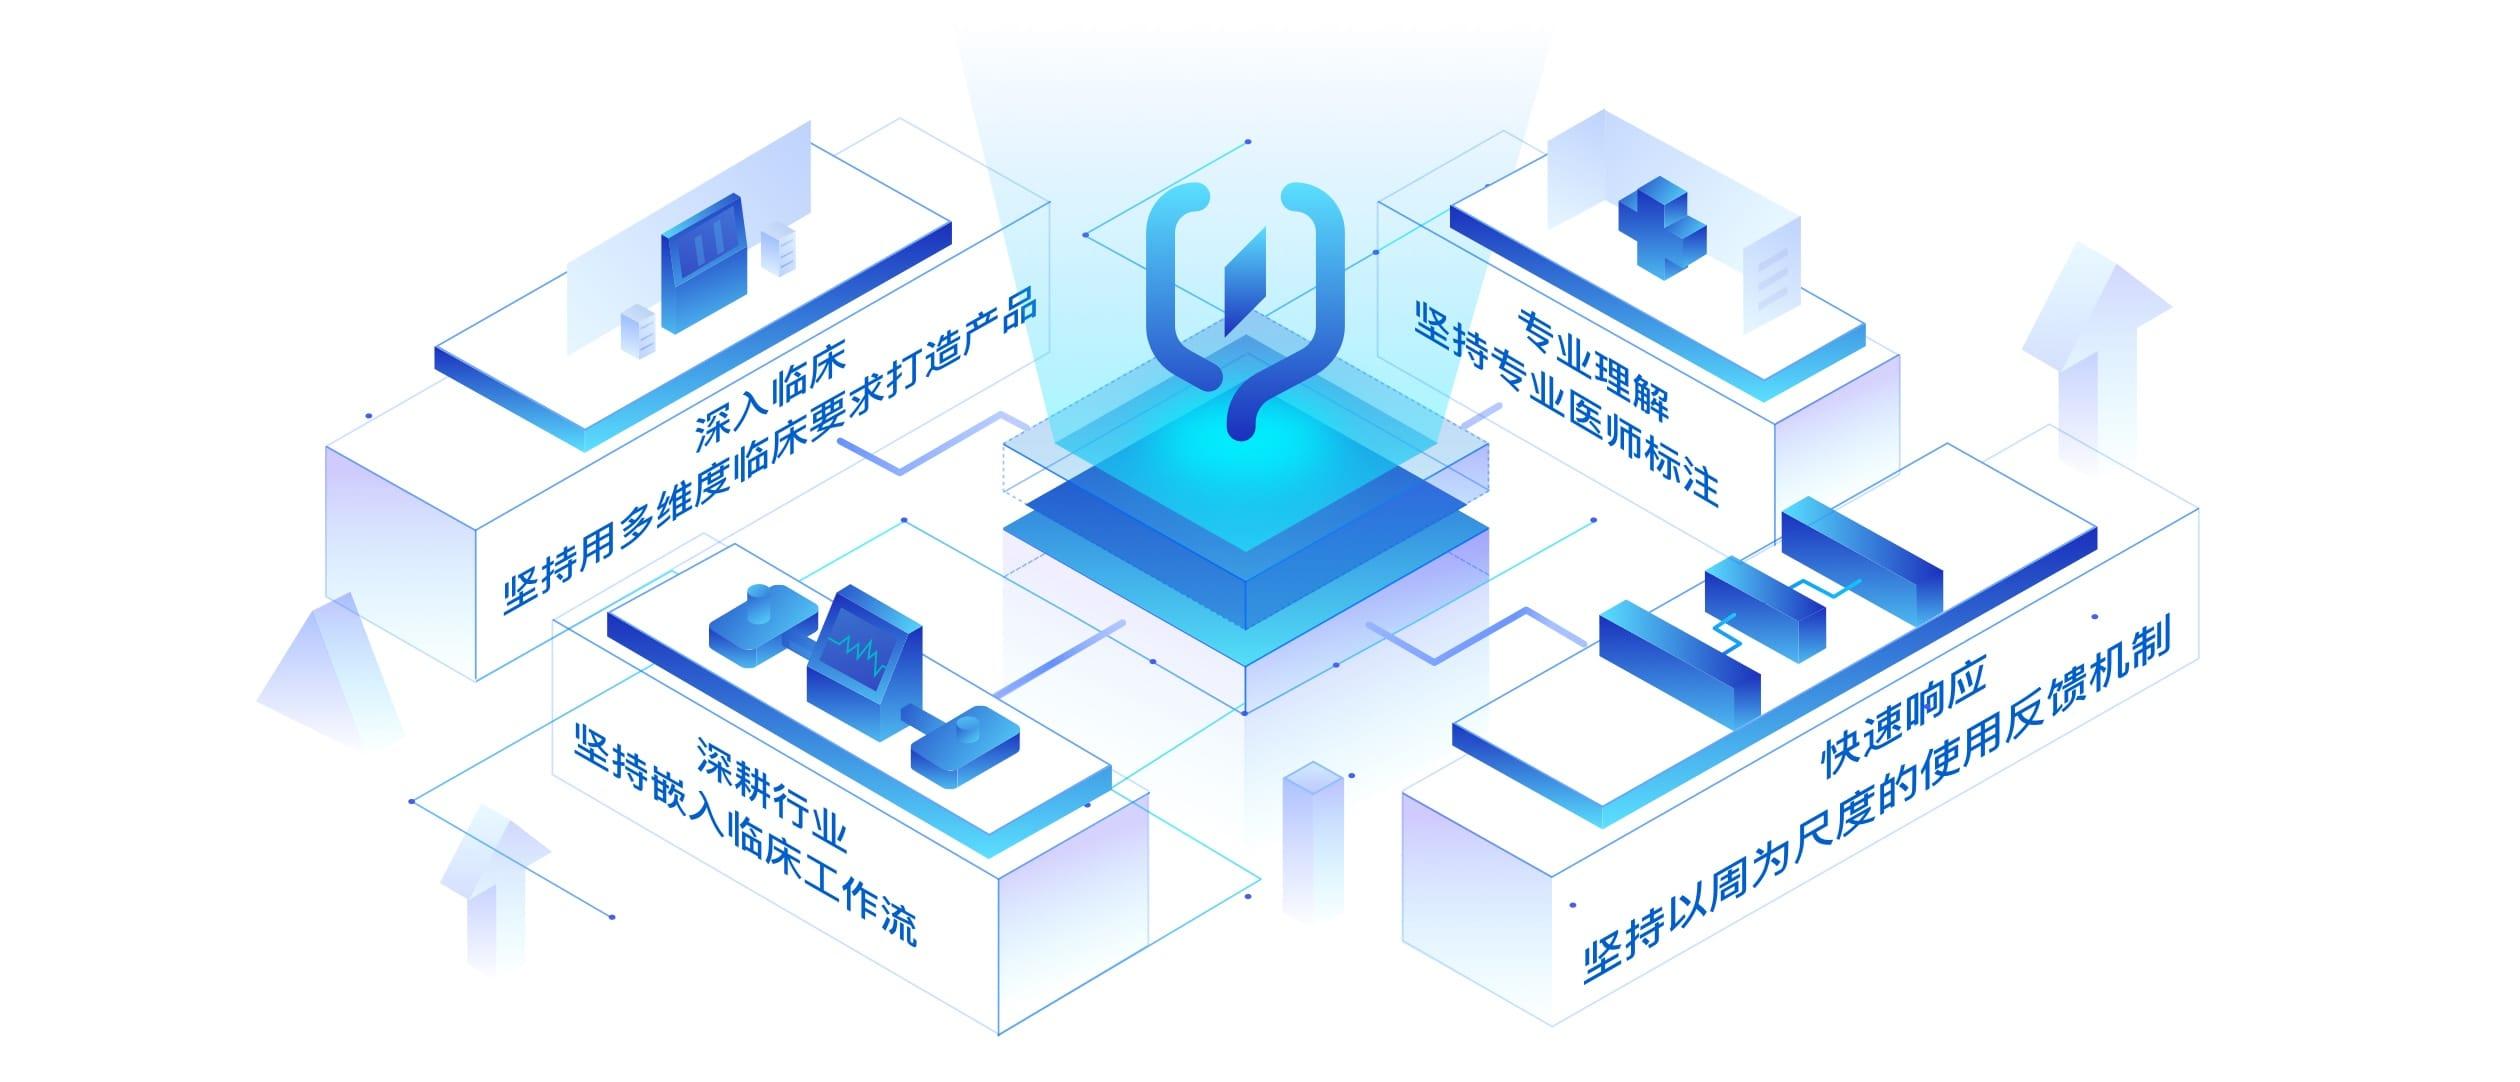 凯发平台app医疗-提升医疗生产力,扩展医疗新边界